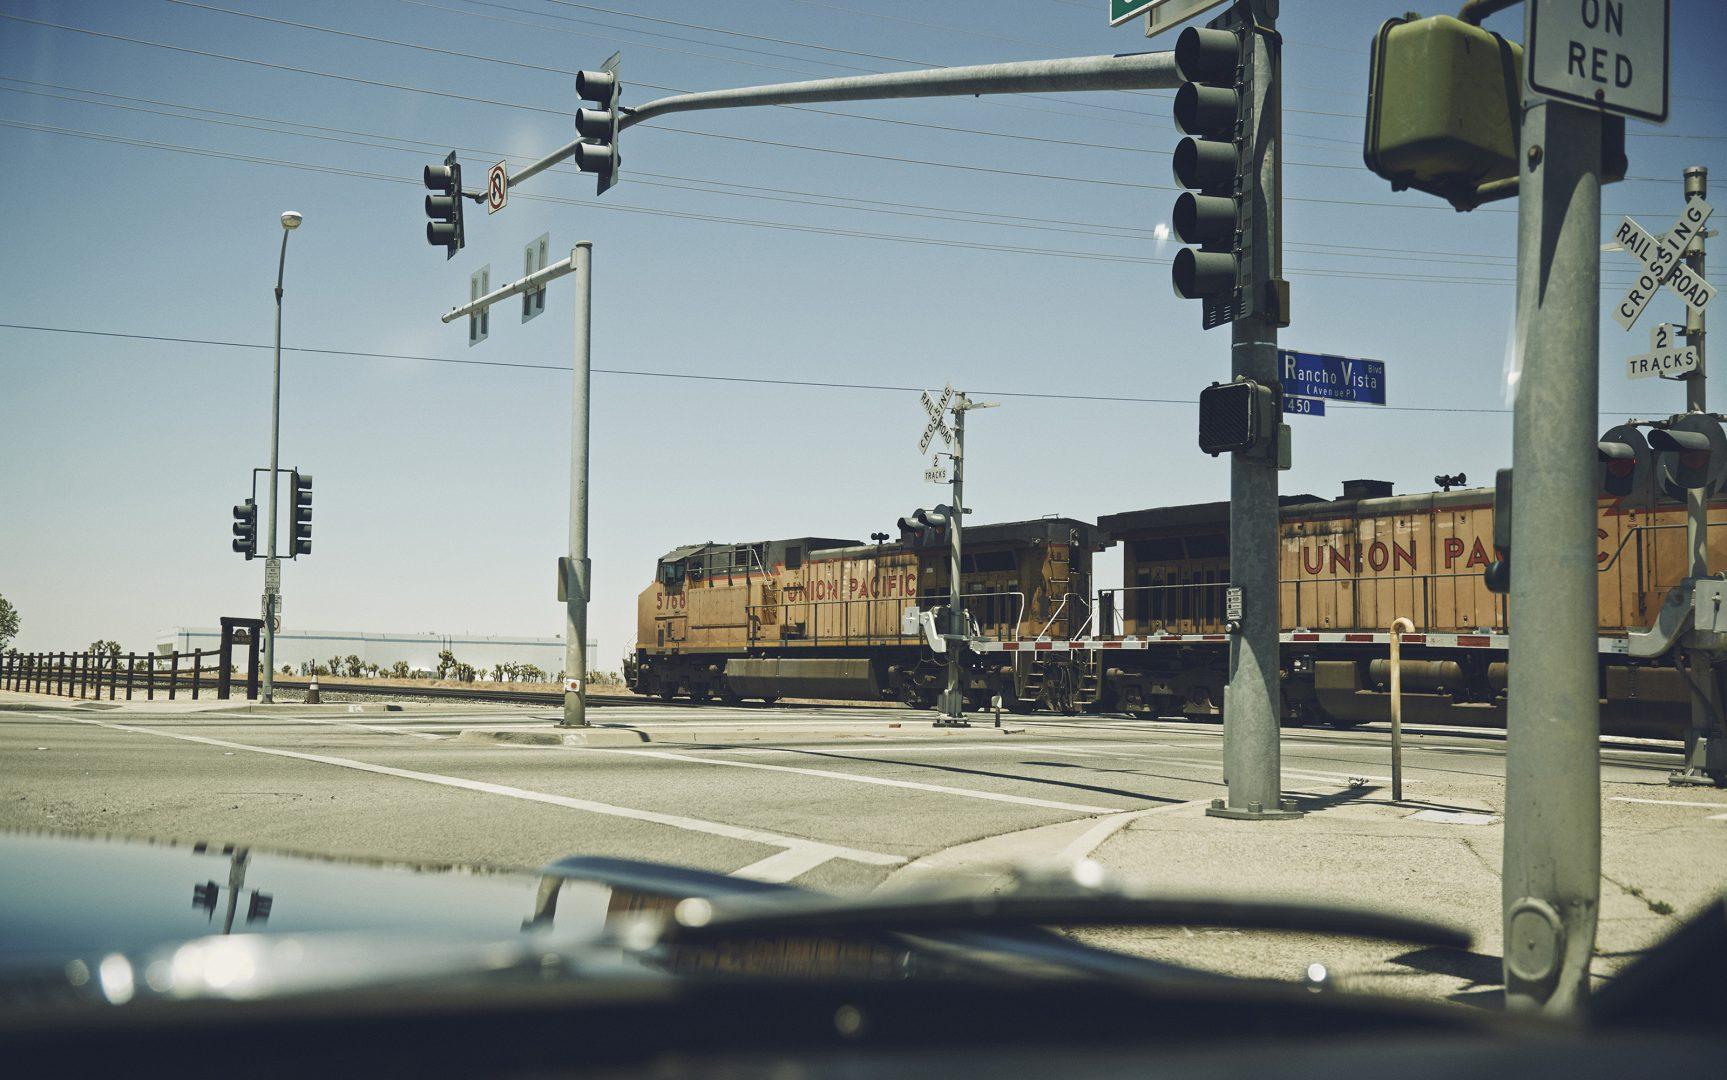 Train by Stefan Rappo